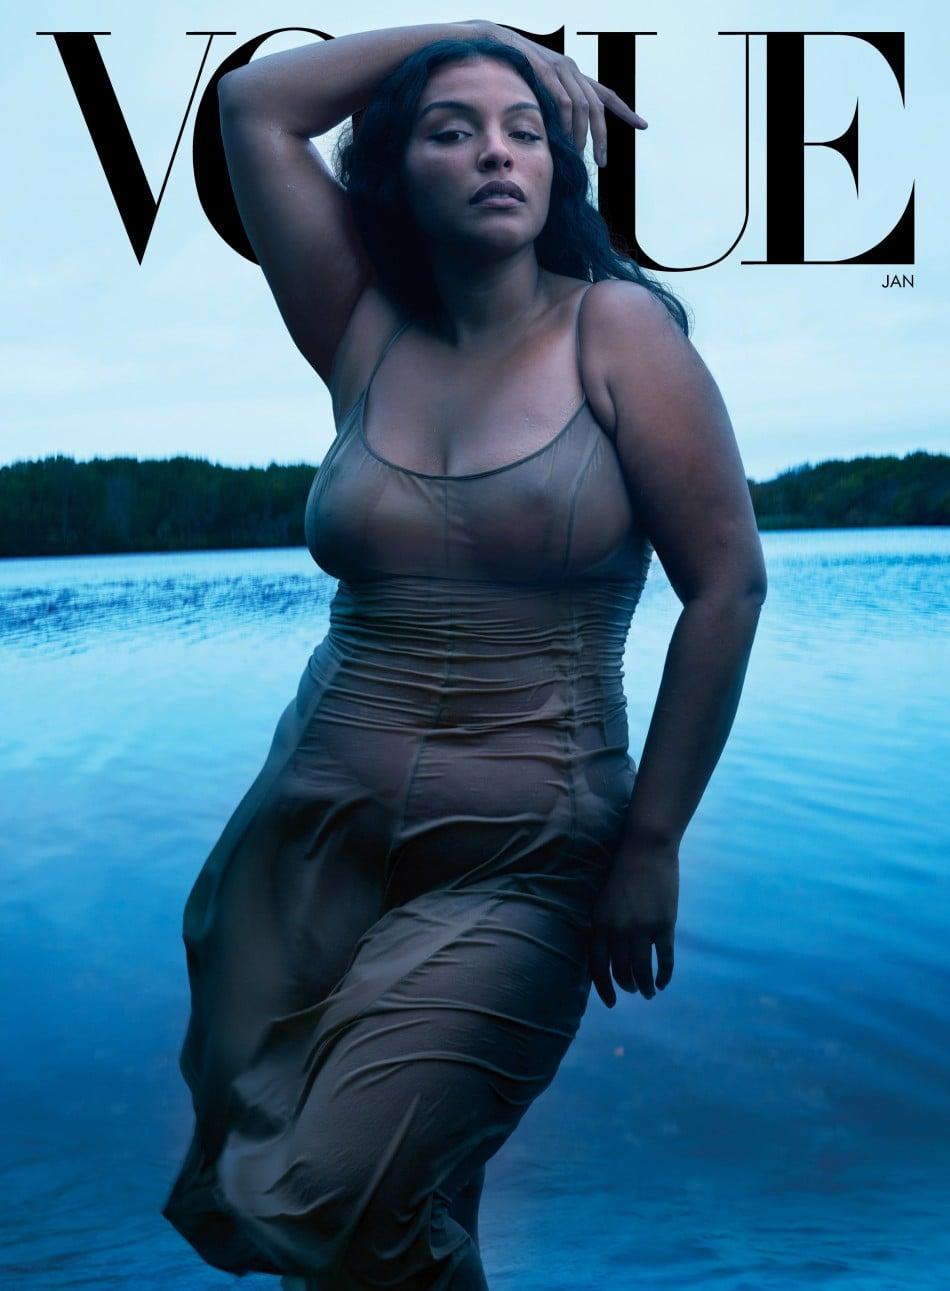 빅토리아 시크릿 브랜드 홍보대사 Paloma Elsesser가 출연한 보그 표지, VO0121 Cover Paloma